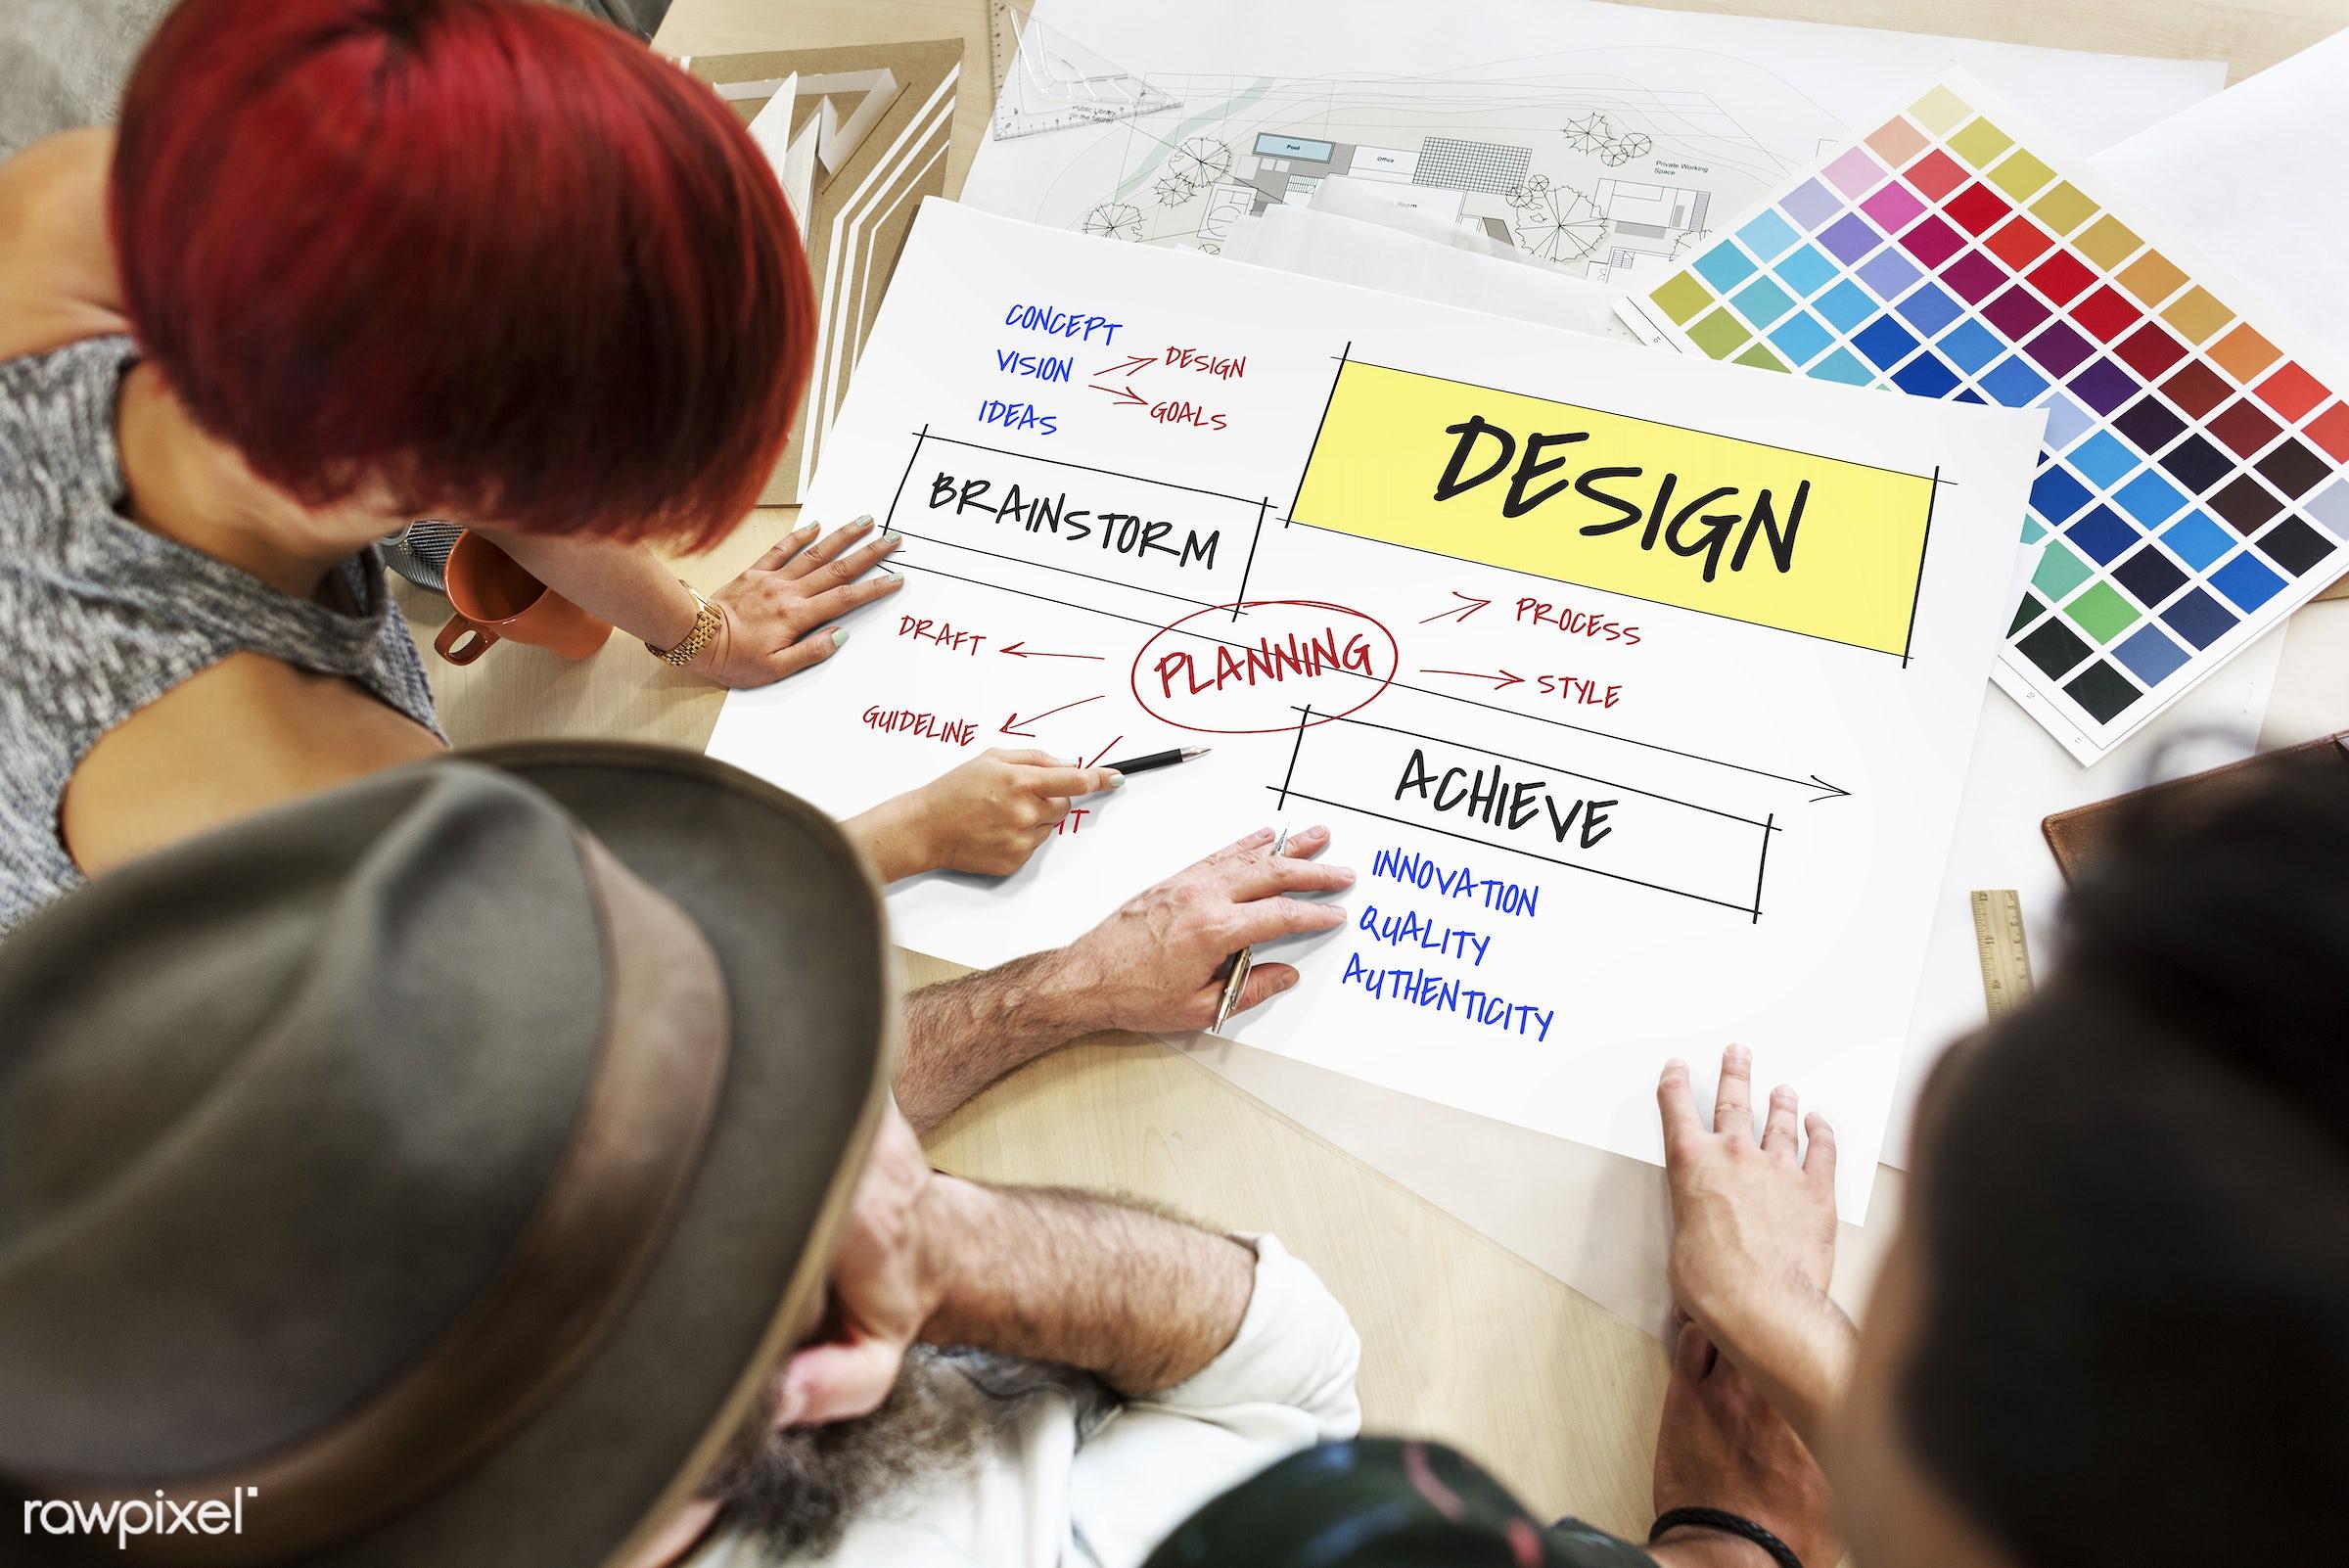 achieve, art, authenticity, coal, color chart, colors, concept, design, discussion, draft, female, fresh ideas, goals,...